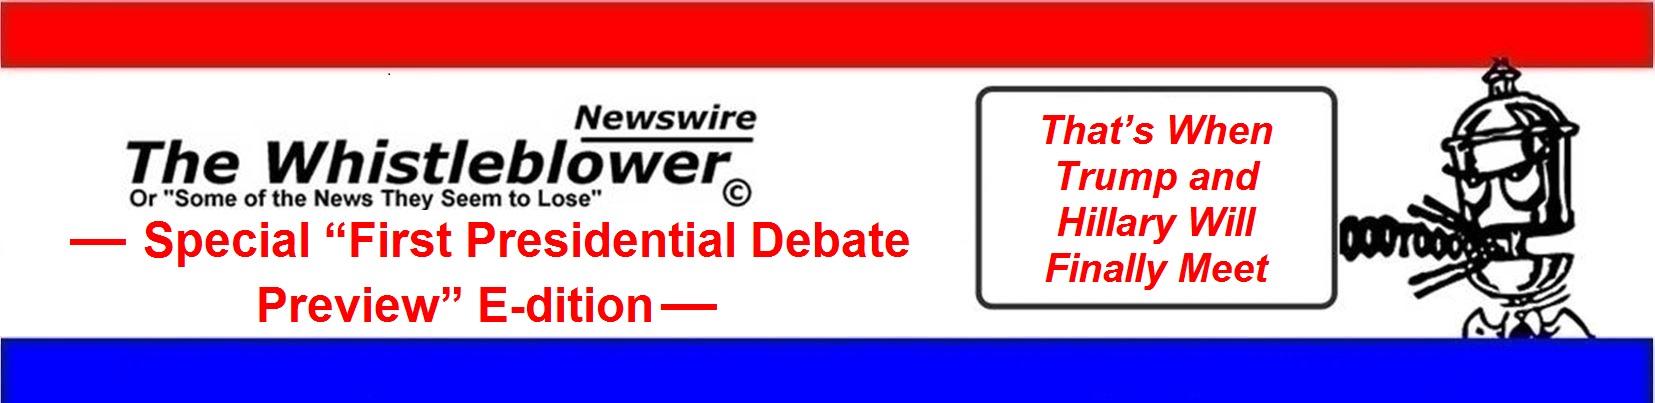 september-23-debate-preview